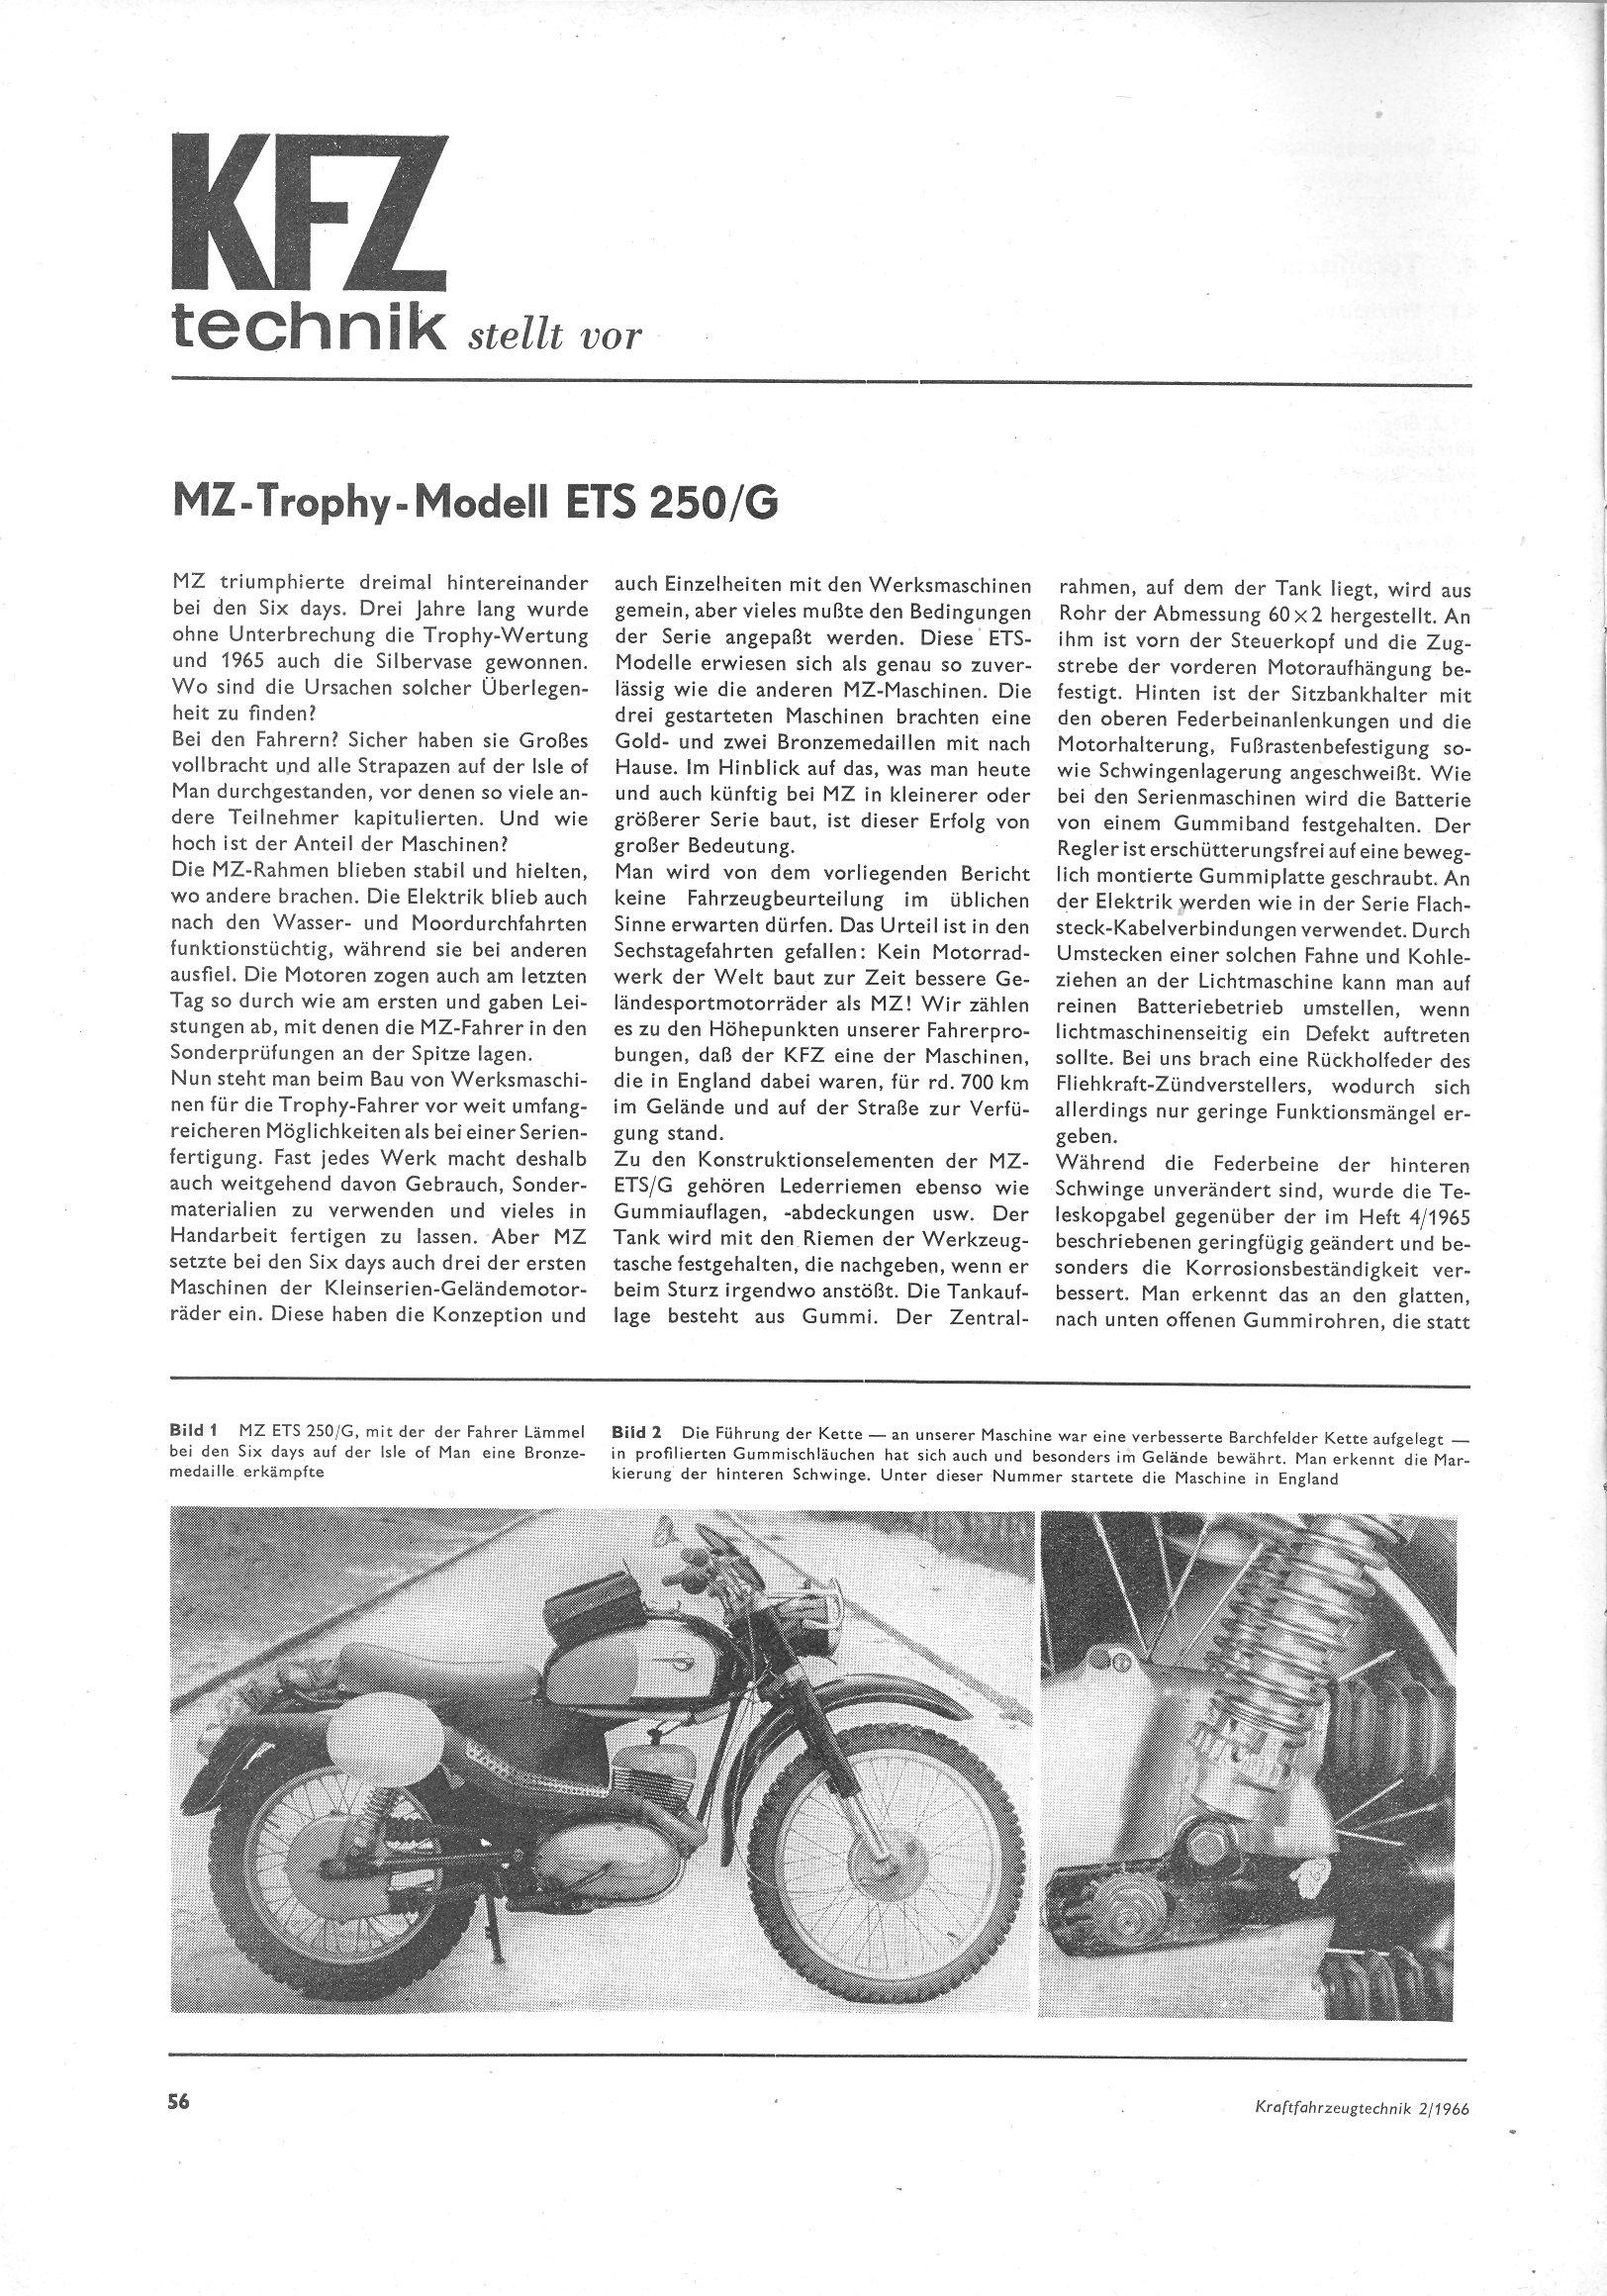 Des MZ à la sauce Enduro 196602_KFT_S056